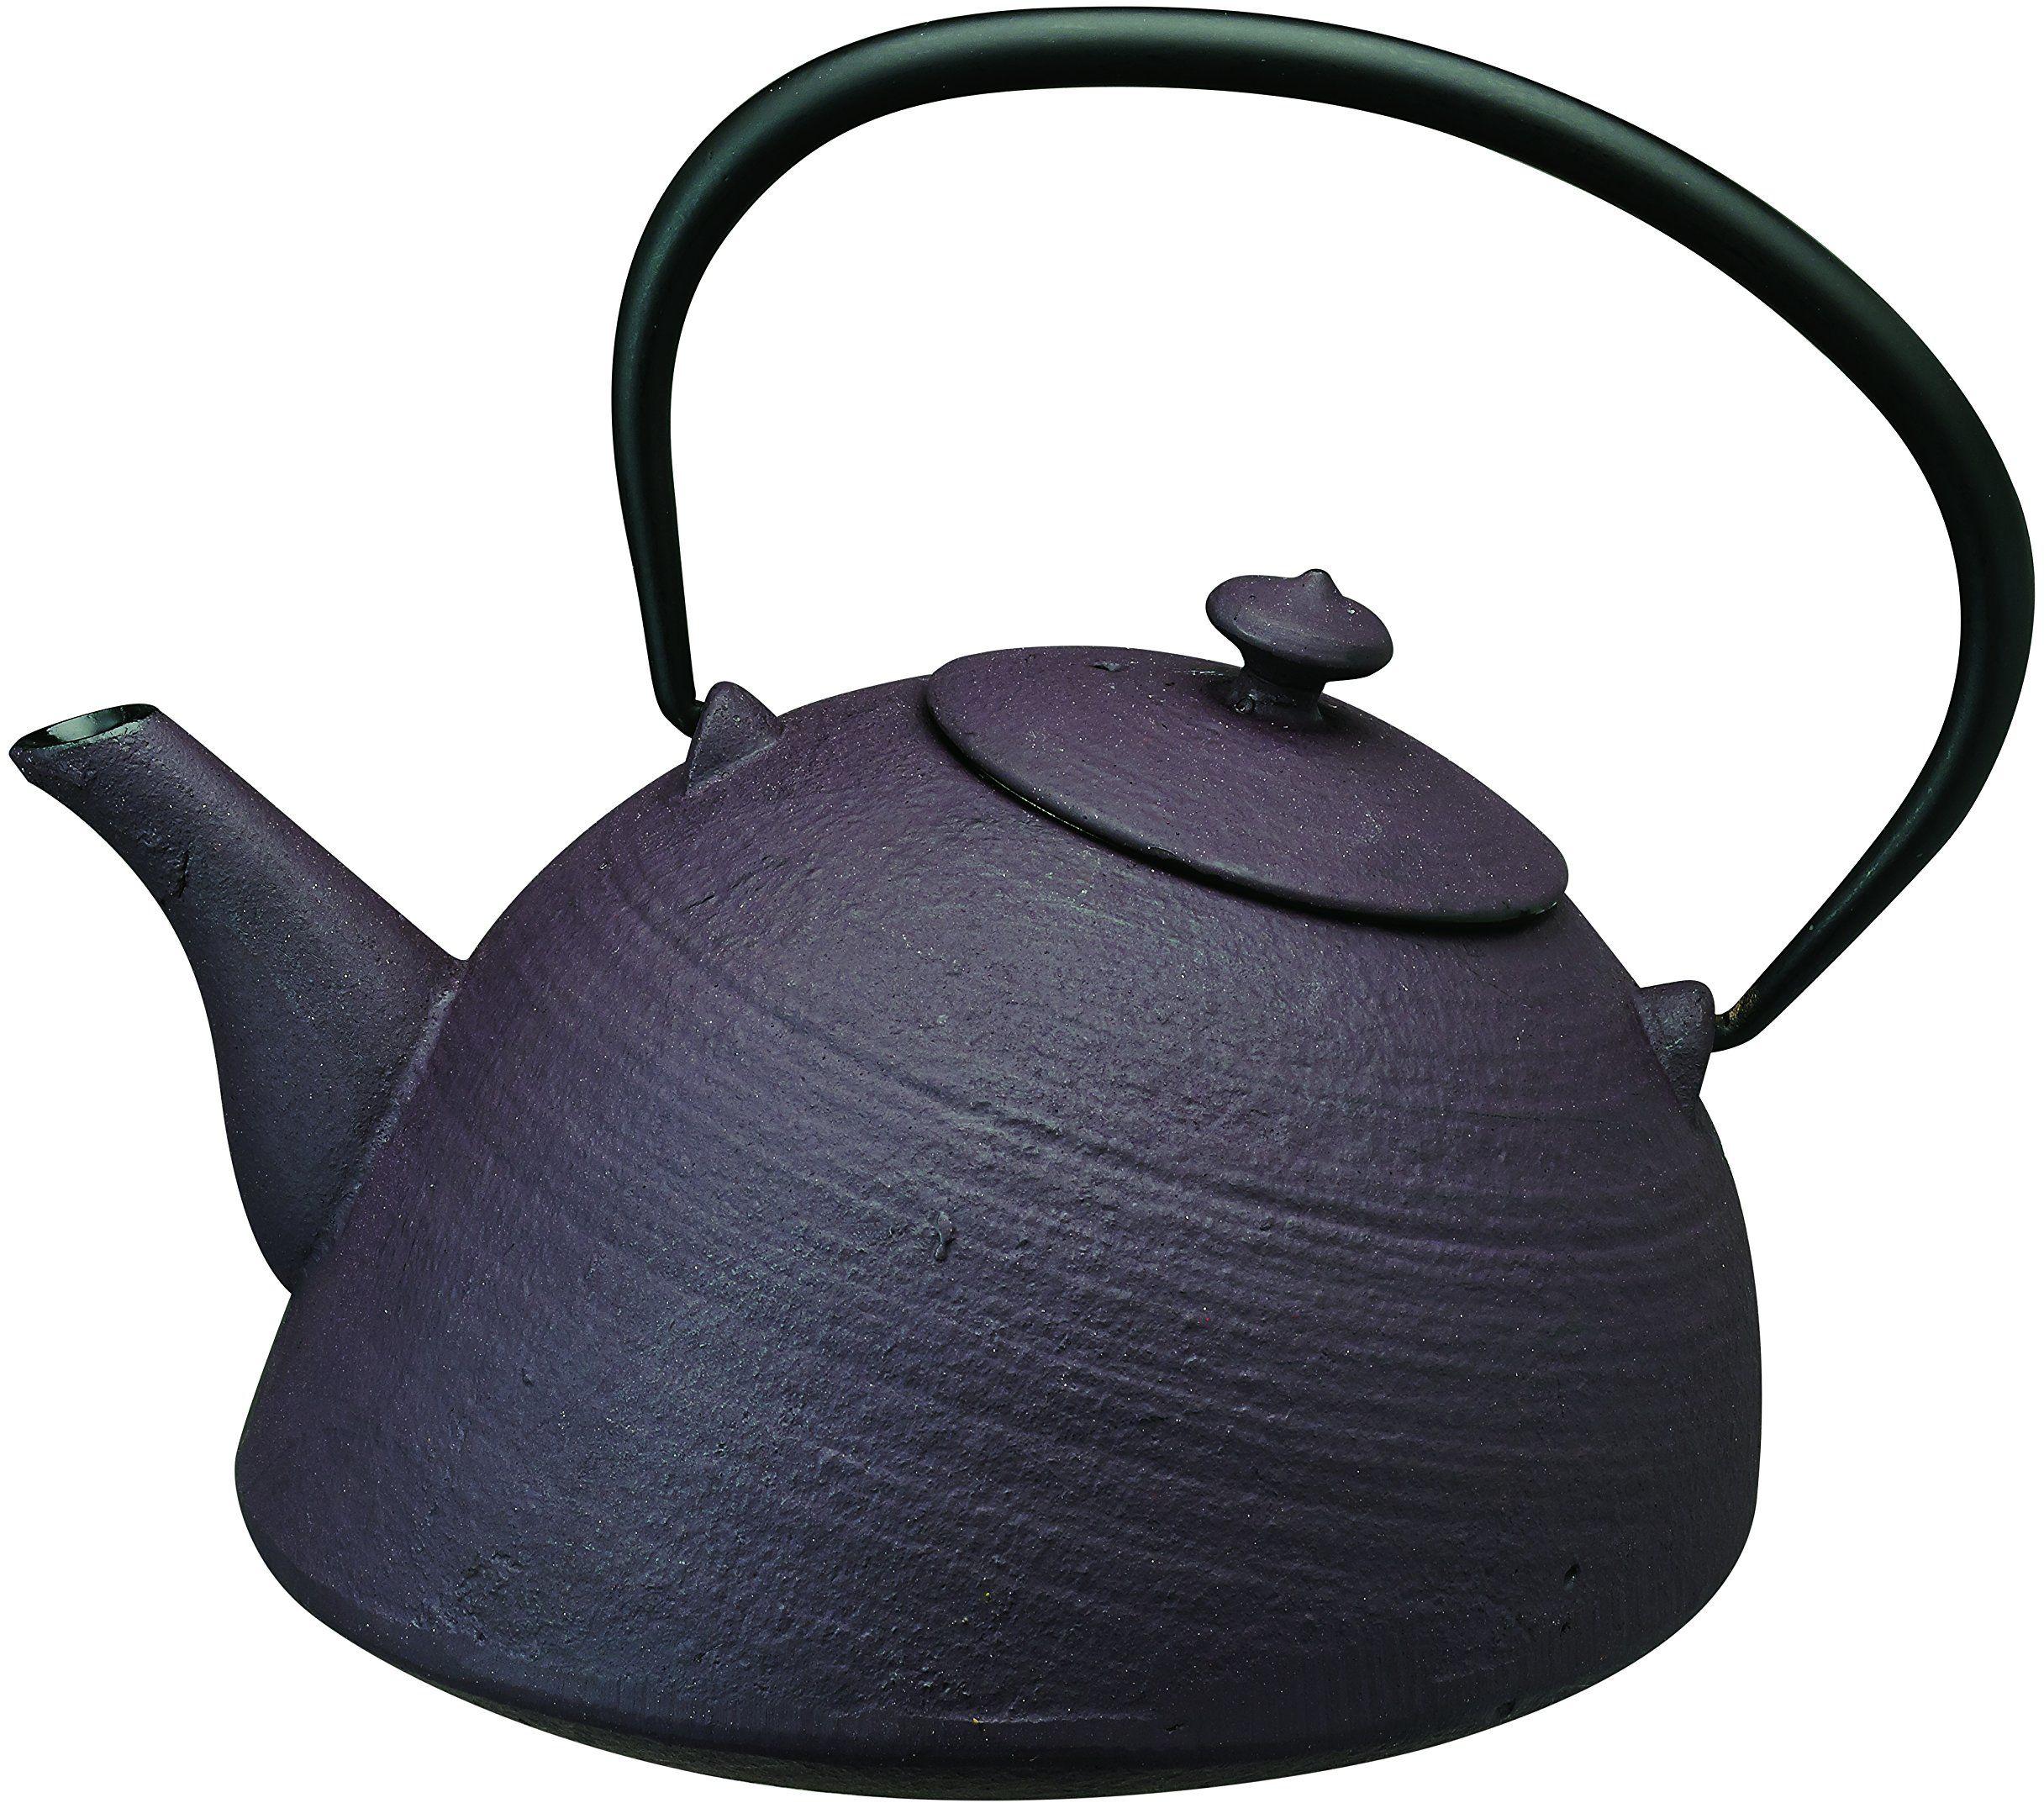 Beka Han czajnik do herbaty, żeliwo, liliowy, 30 cm